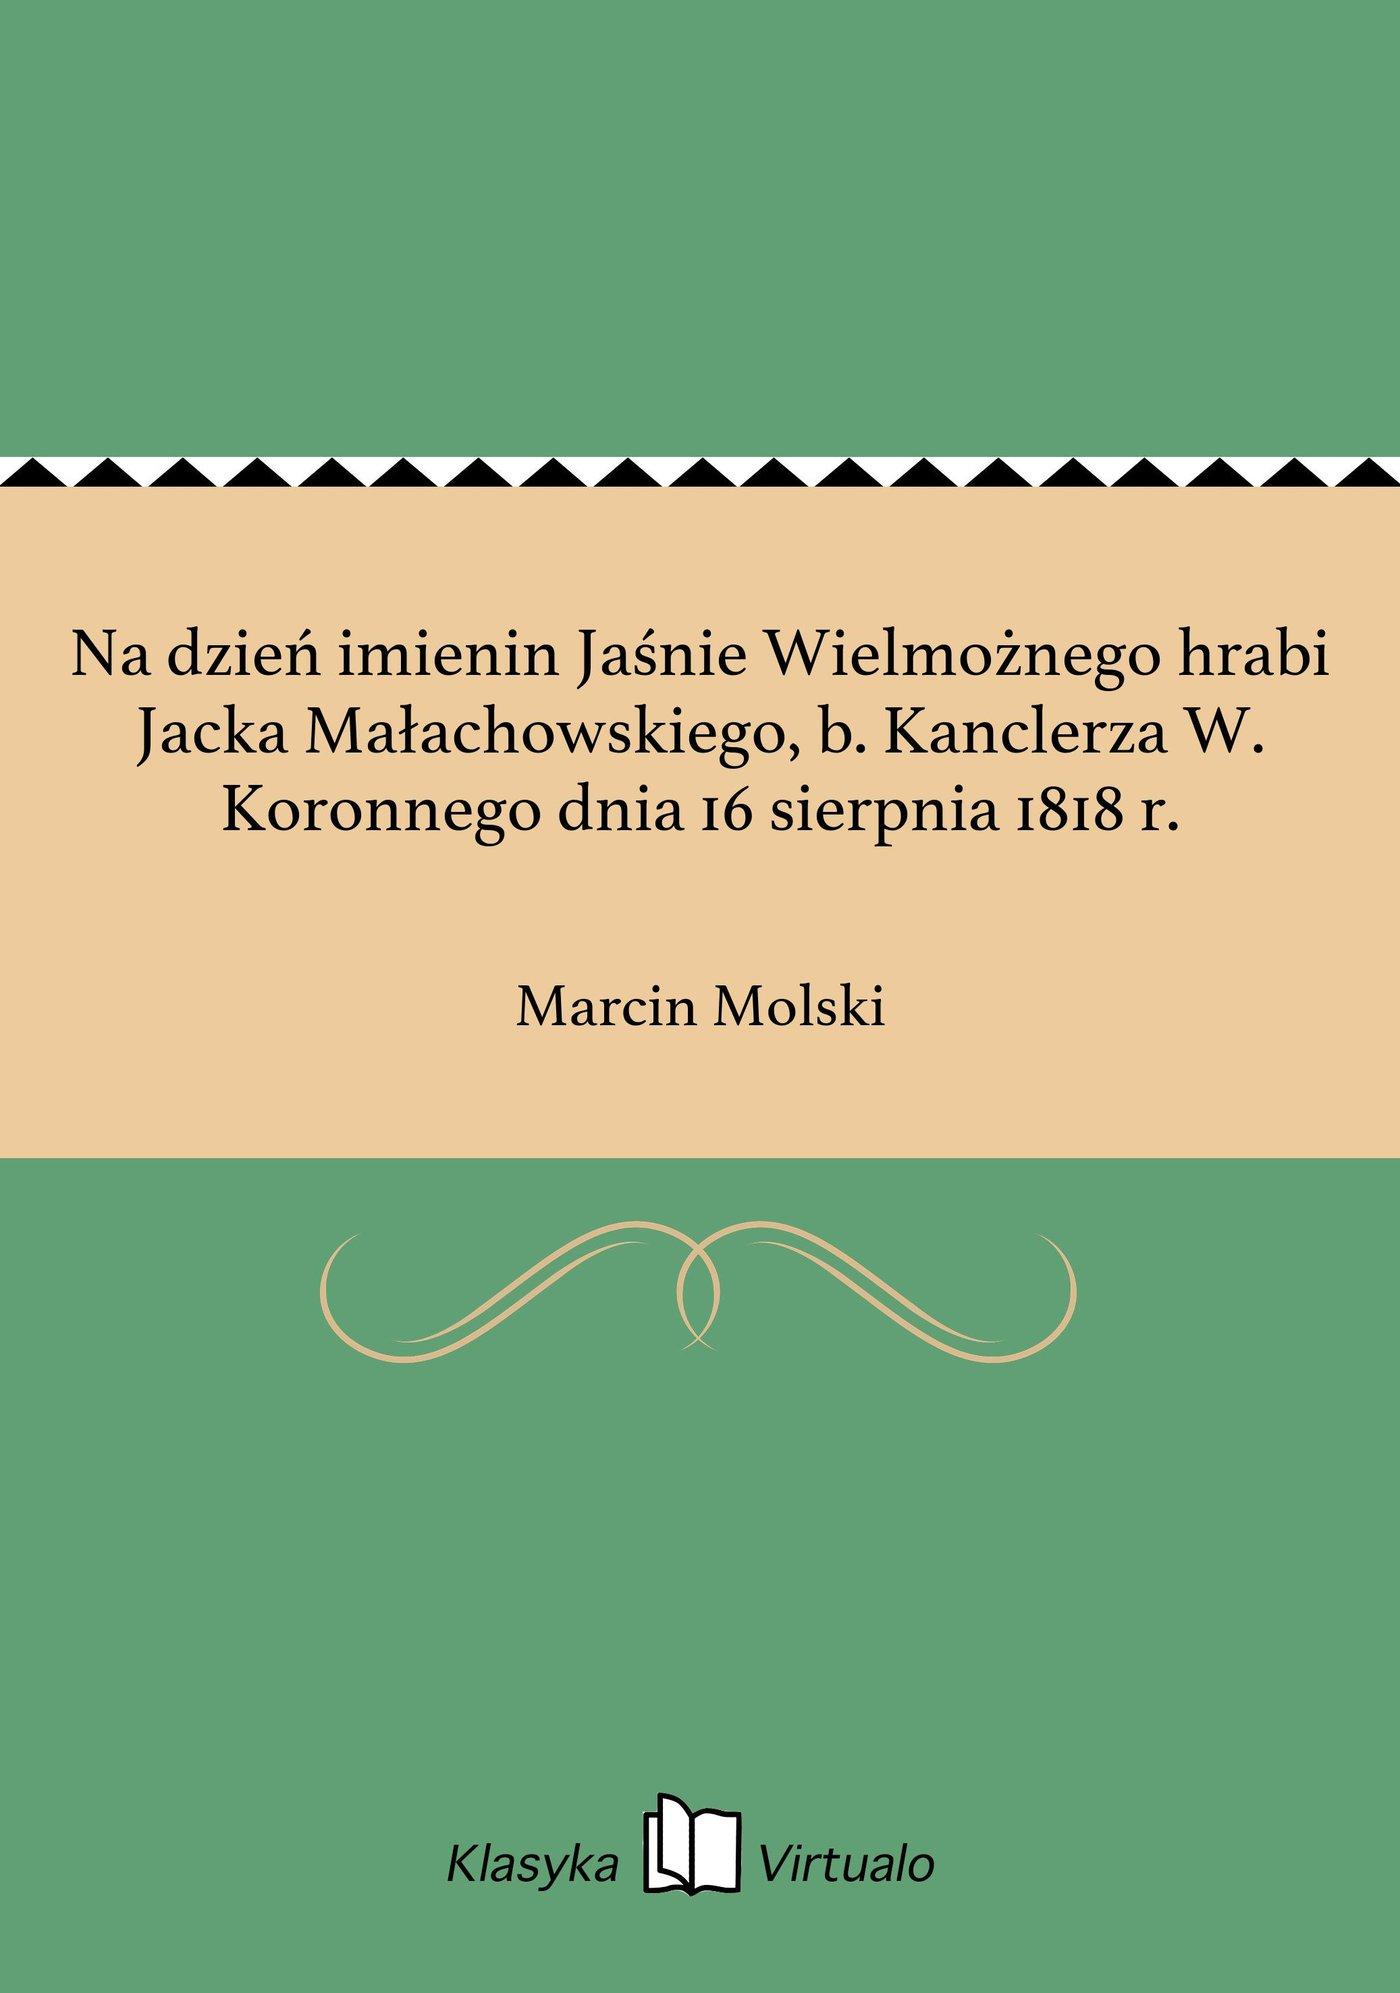 Na dzień imienin Jaśnie Wielmożnego hrabi Jacka Małachowskiego, b. Kanclerza W. Koronnego dnia 16 sierpnia 1818 r. - Ebook (Książka EPUB) do pobrania w formacie EPUB